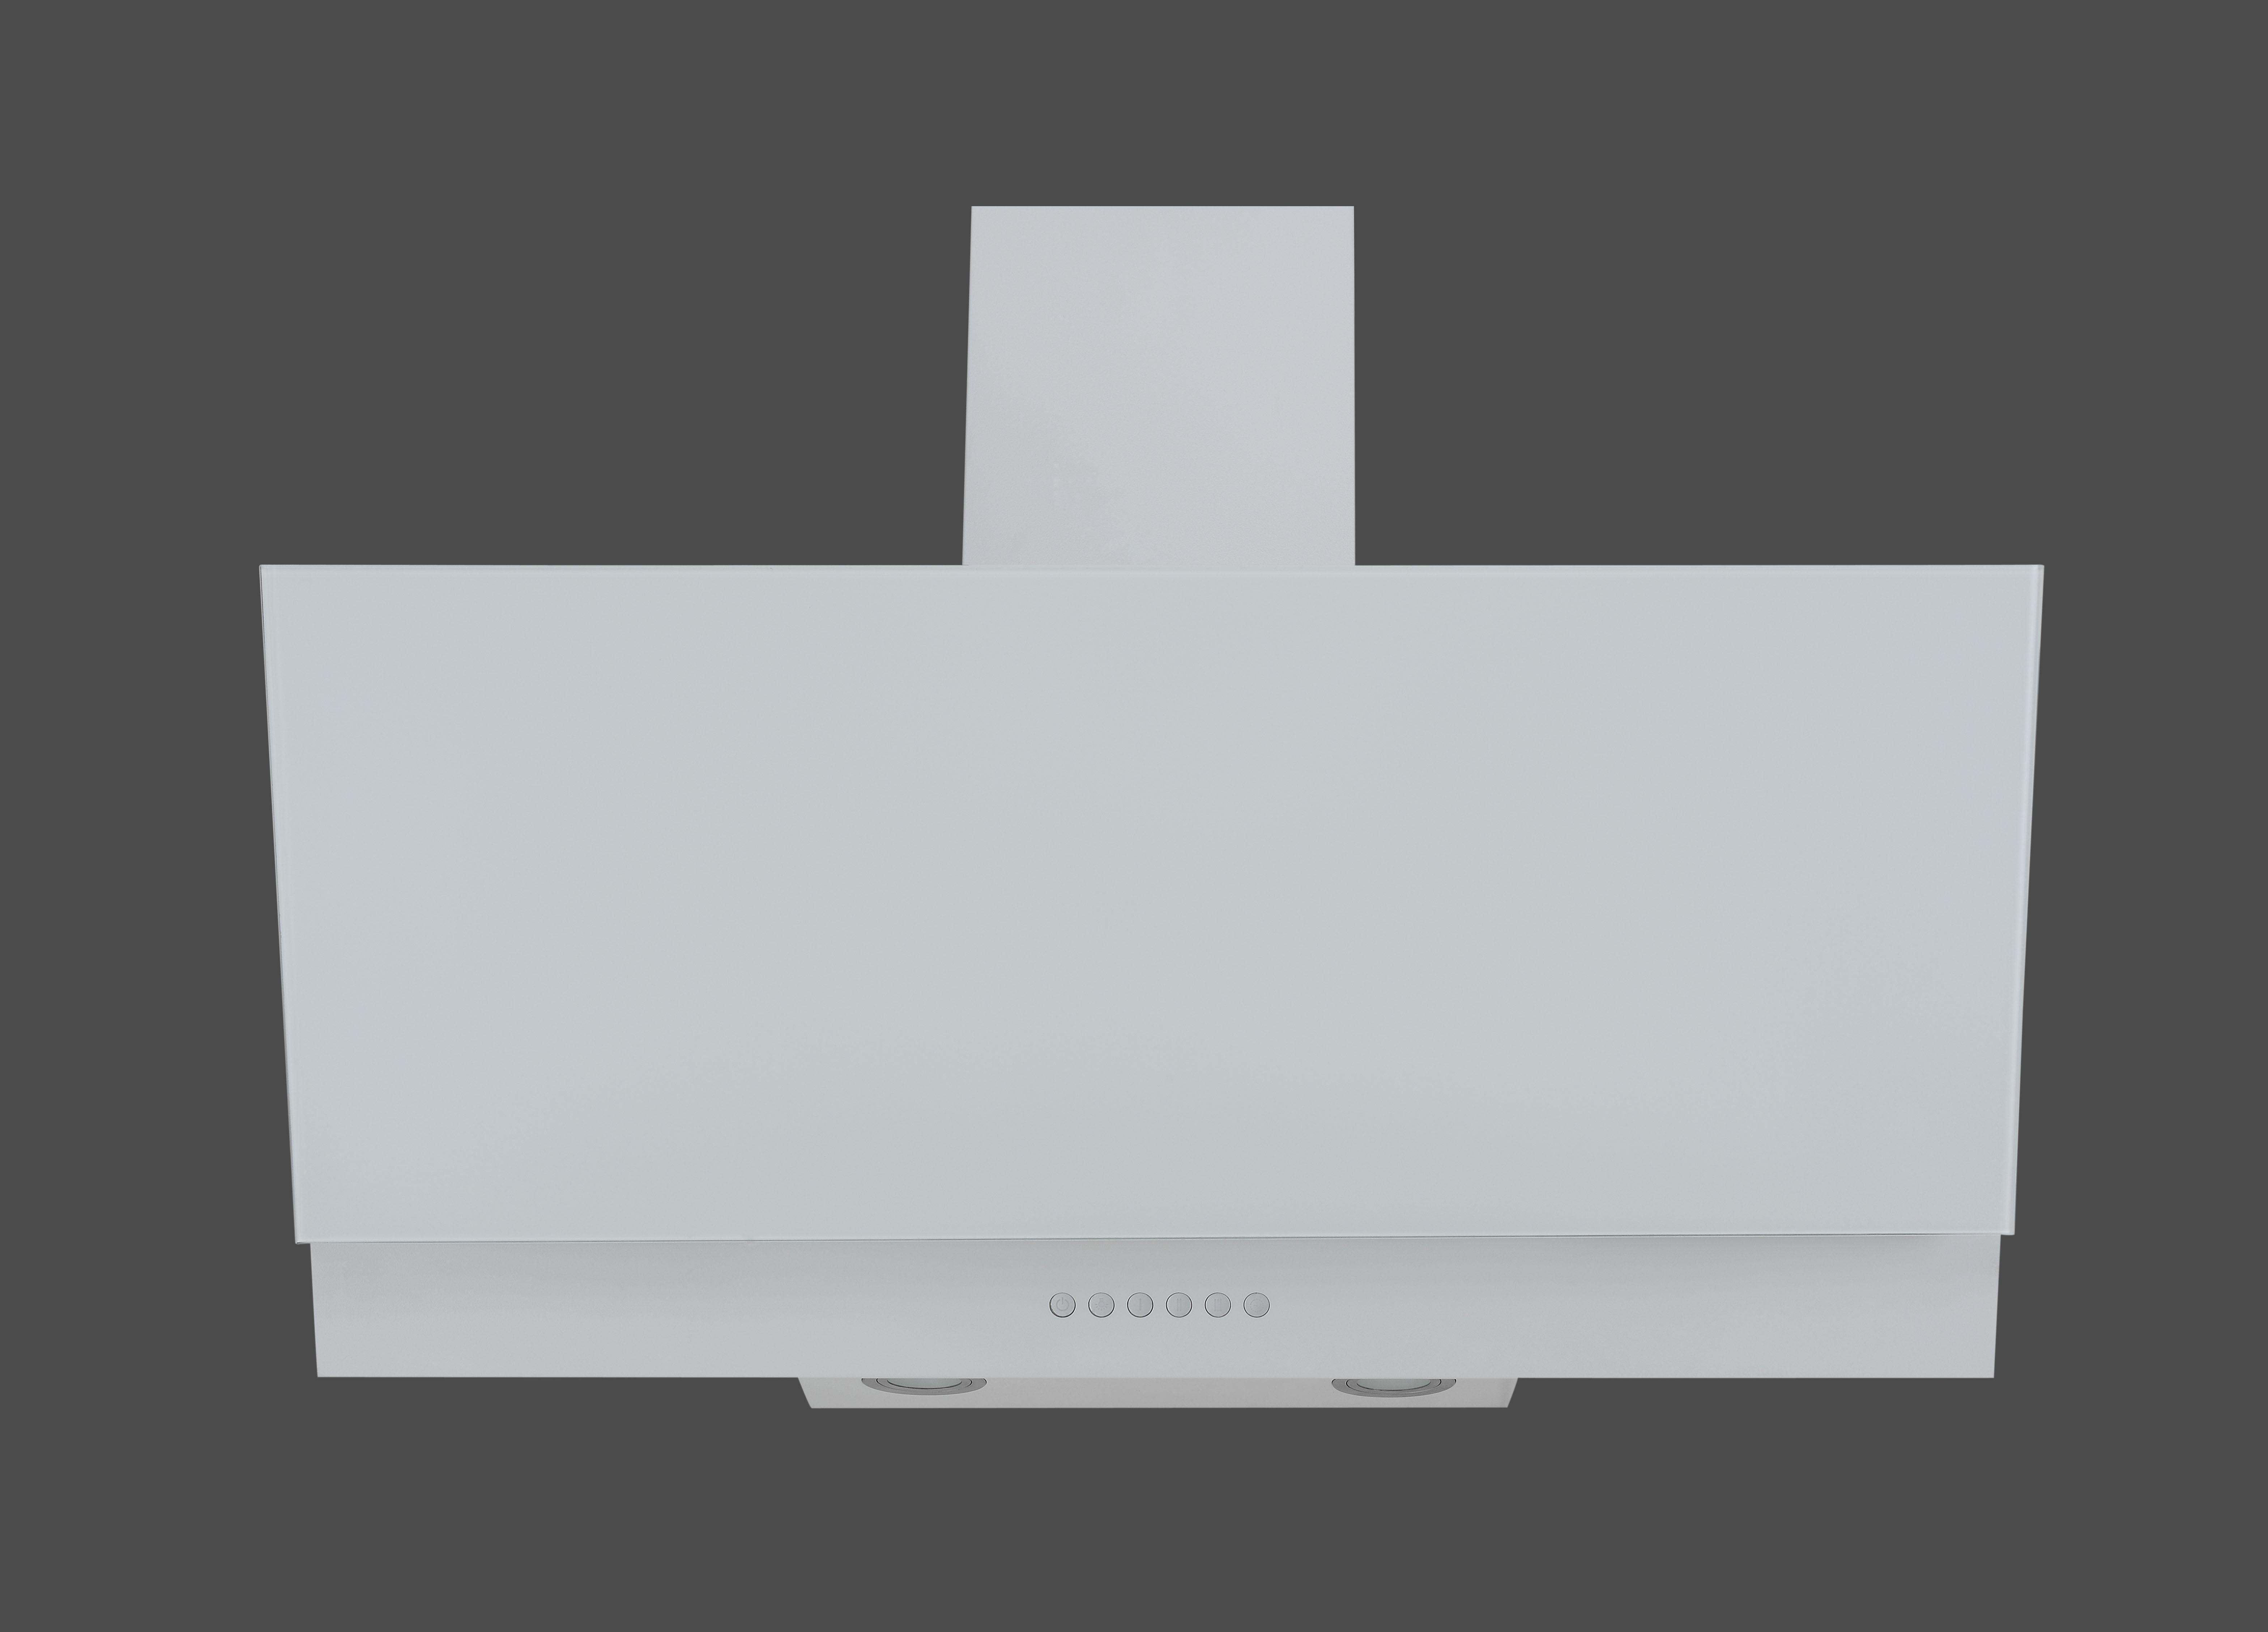 Dunstabzugshaube / Schräghaube Respekta CH 66038 90 W 90x41,8cm weiß Bild 2